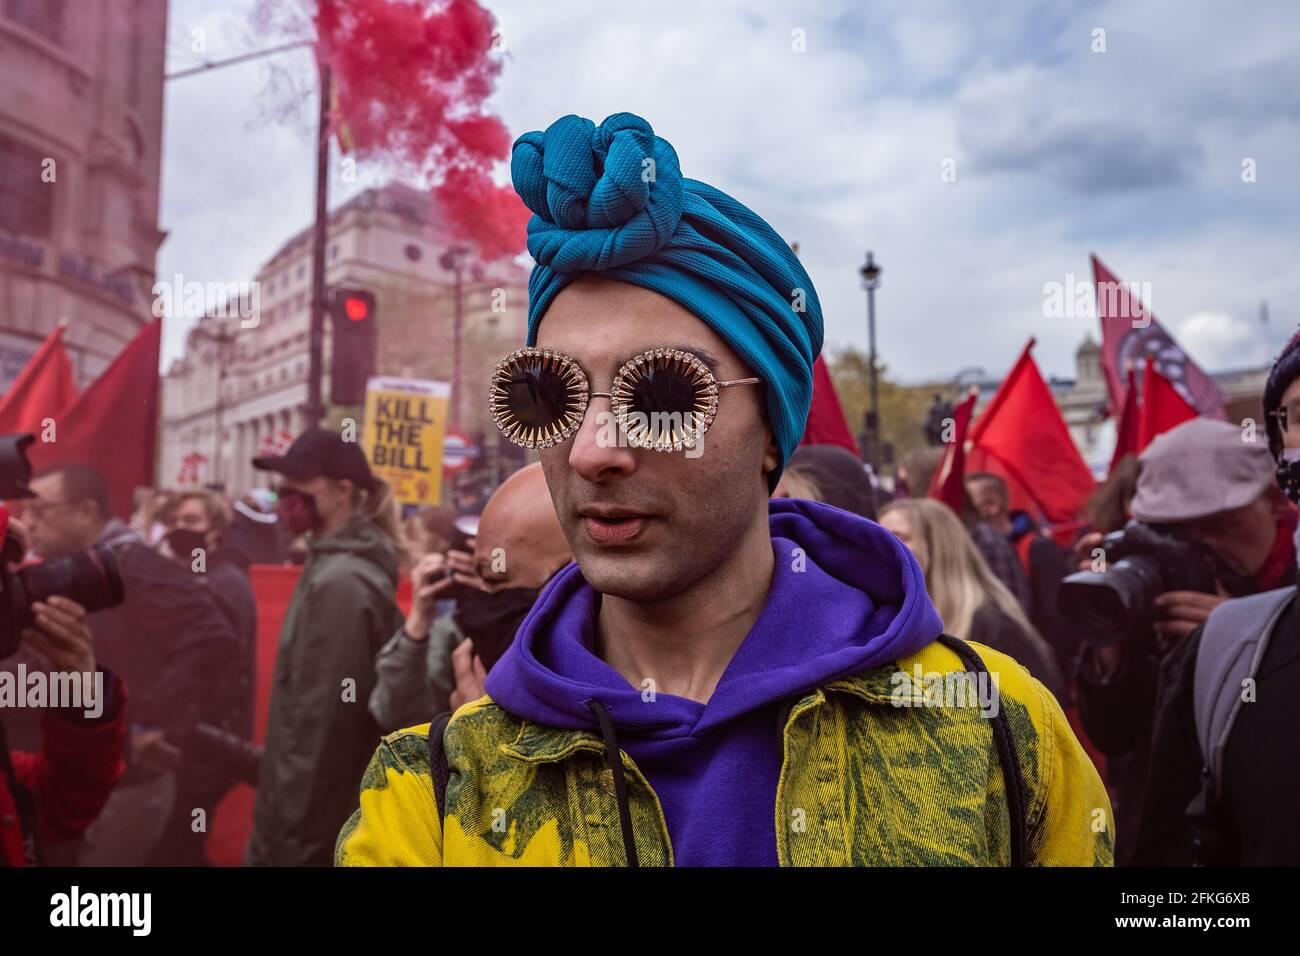 Londres, Reino Unido. 1st de mayo de 2021. Matar la protesta de la ley. Miles de personas se reúnen en Trafalgar Square listos para marchar contra un proyecto de ley de policía, crimen, sentencia y tribunales recientemente propuesto el día de mayo (o Día del Trabajo). Numerosos movimientos sociales se han unido para protestar contra el proyecto de ley, que, según dicen, pondría restricciones significativas a la libertad de expresión y reunión, al otorgar poderes policiales para frenar las protestas, entre otras medidas. Crédito: Guy Corbishley/Alamy Live News Foto de stock